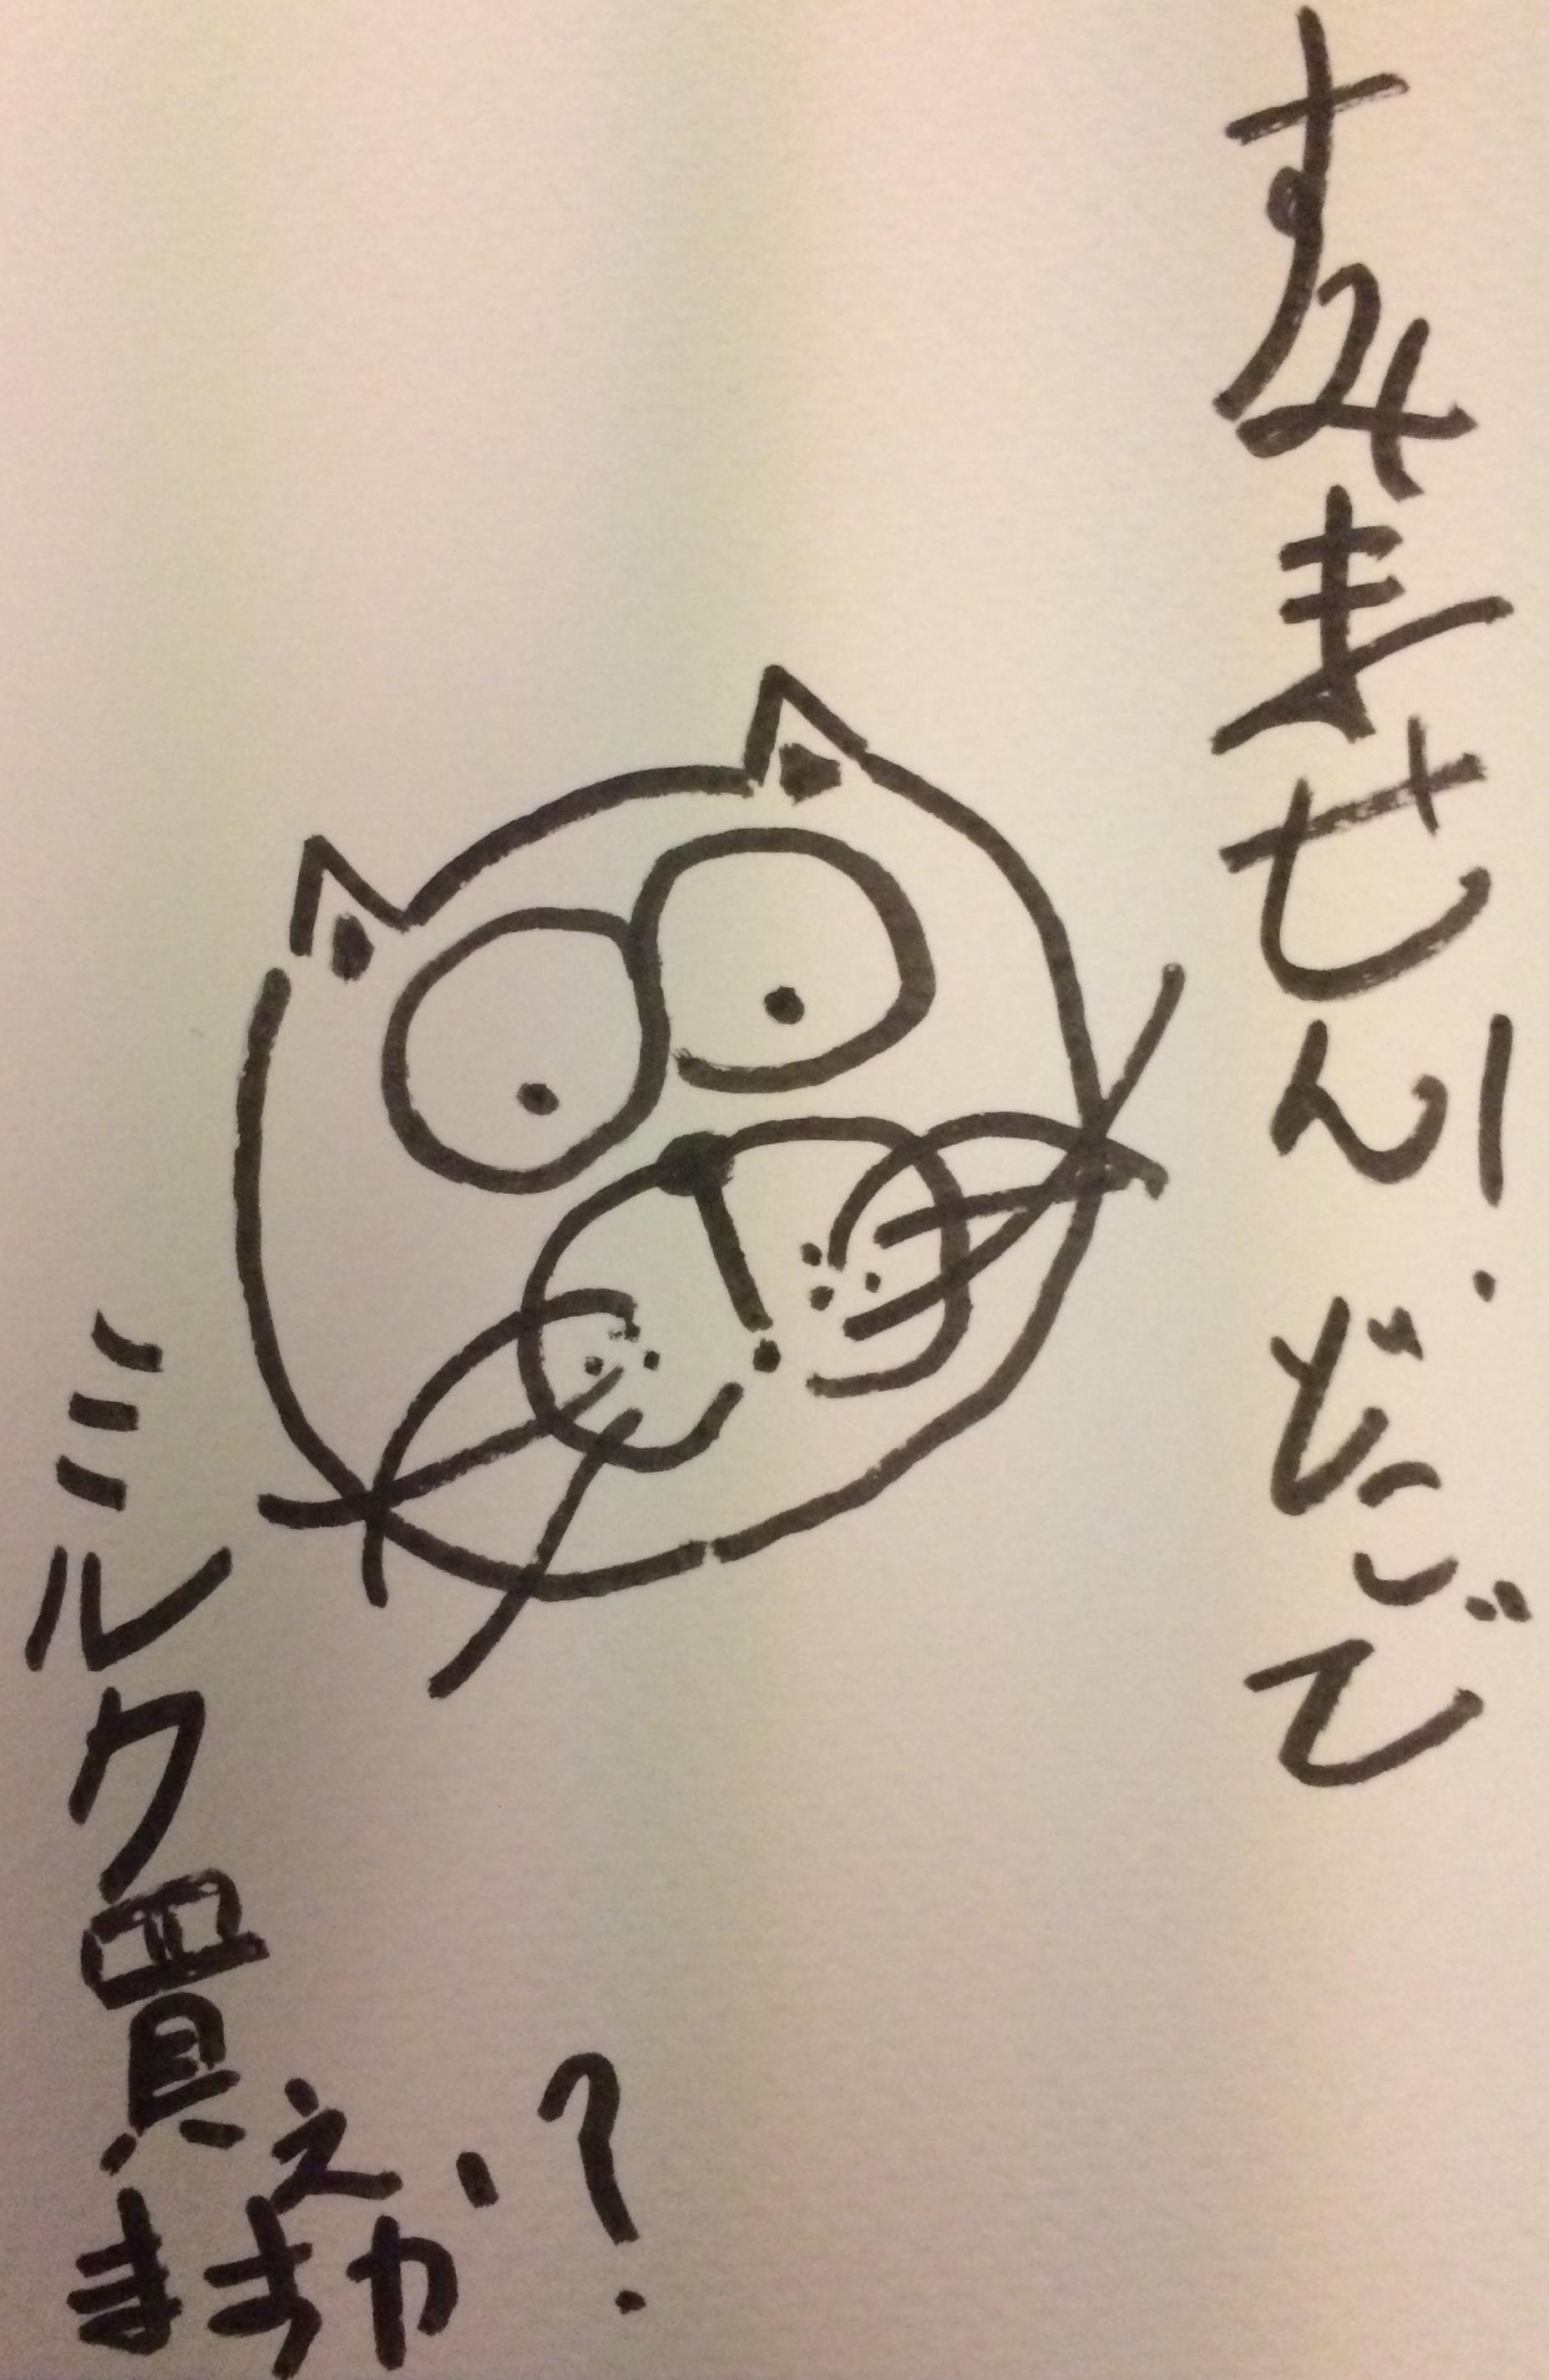 すみません!どこでミルク買えますか かわいい ドイツ語 仔猫 描く コミックス comics kitten kätzchen drawing ink